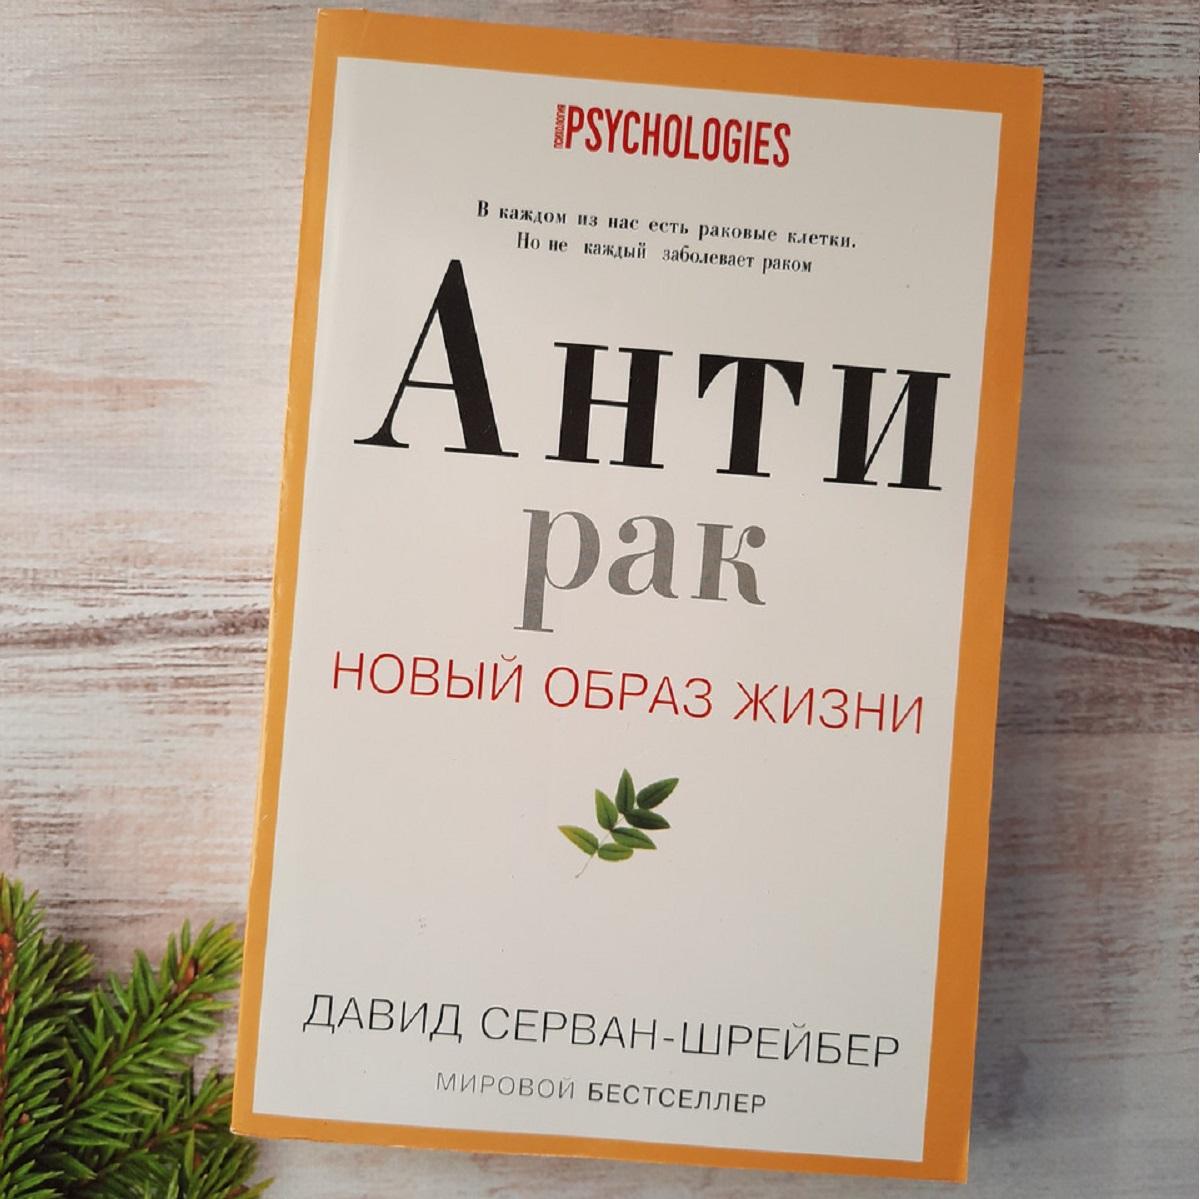 Книги, которые продлевают жизнь – что читать об организме и здоровье - фото 2